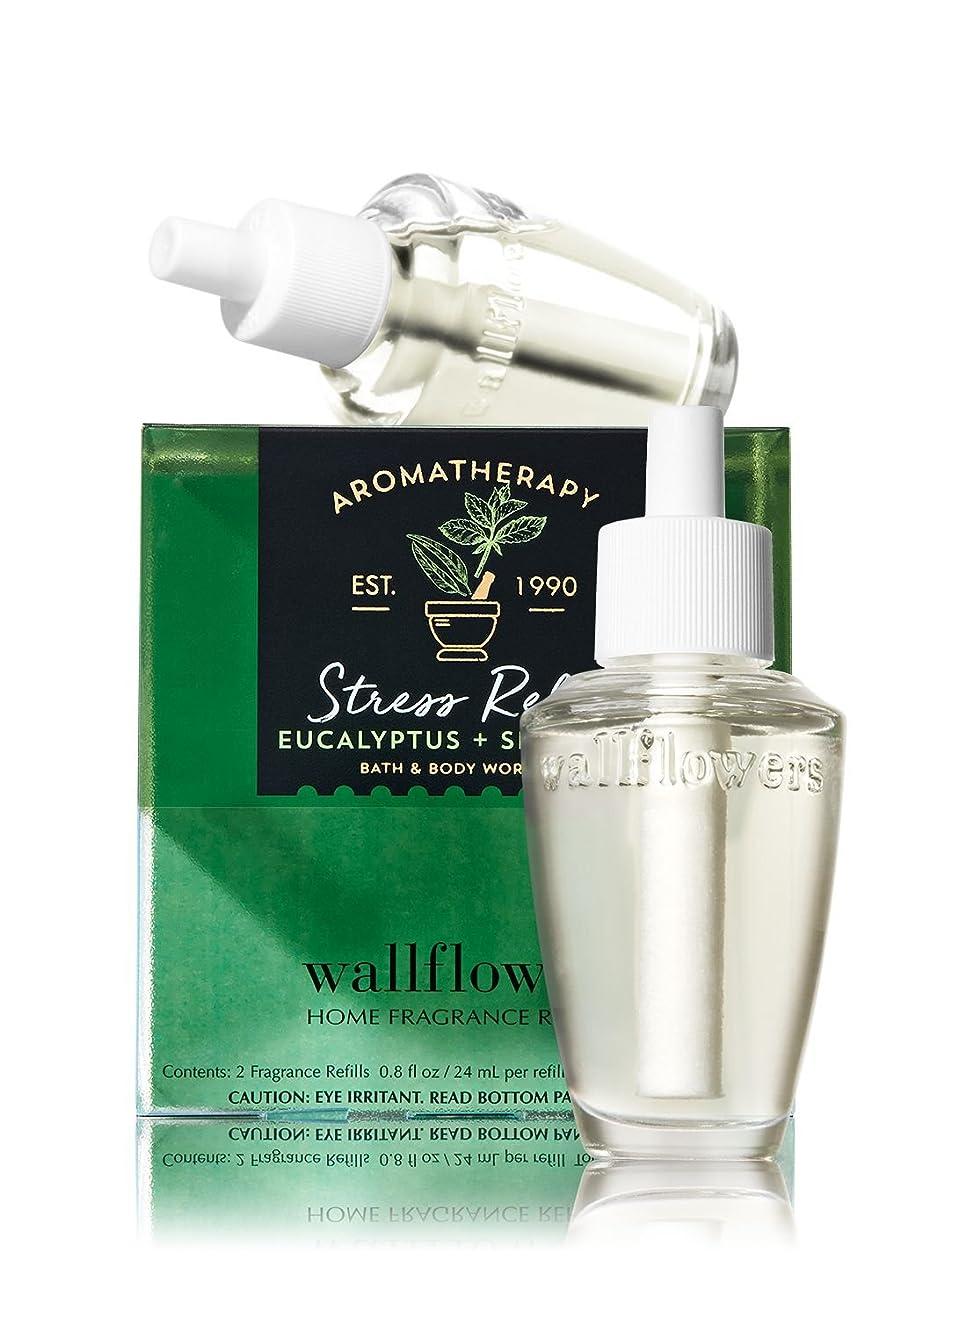 黒人学部長噴水【Bath&Body Works/バス&ボディワークス】 ルームフレグランス 詰替えリフィル(2個入り) ストレスリリーフ ユーカリスペアミント Wallflowers Home Fragrance 2-Pack Refills Stress Relief Eucalyptus Spearmint [並行輸入品]